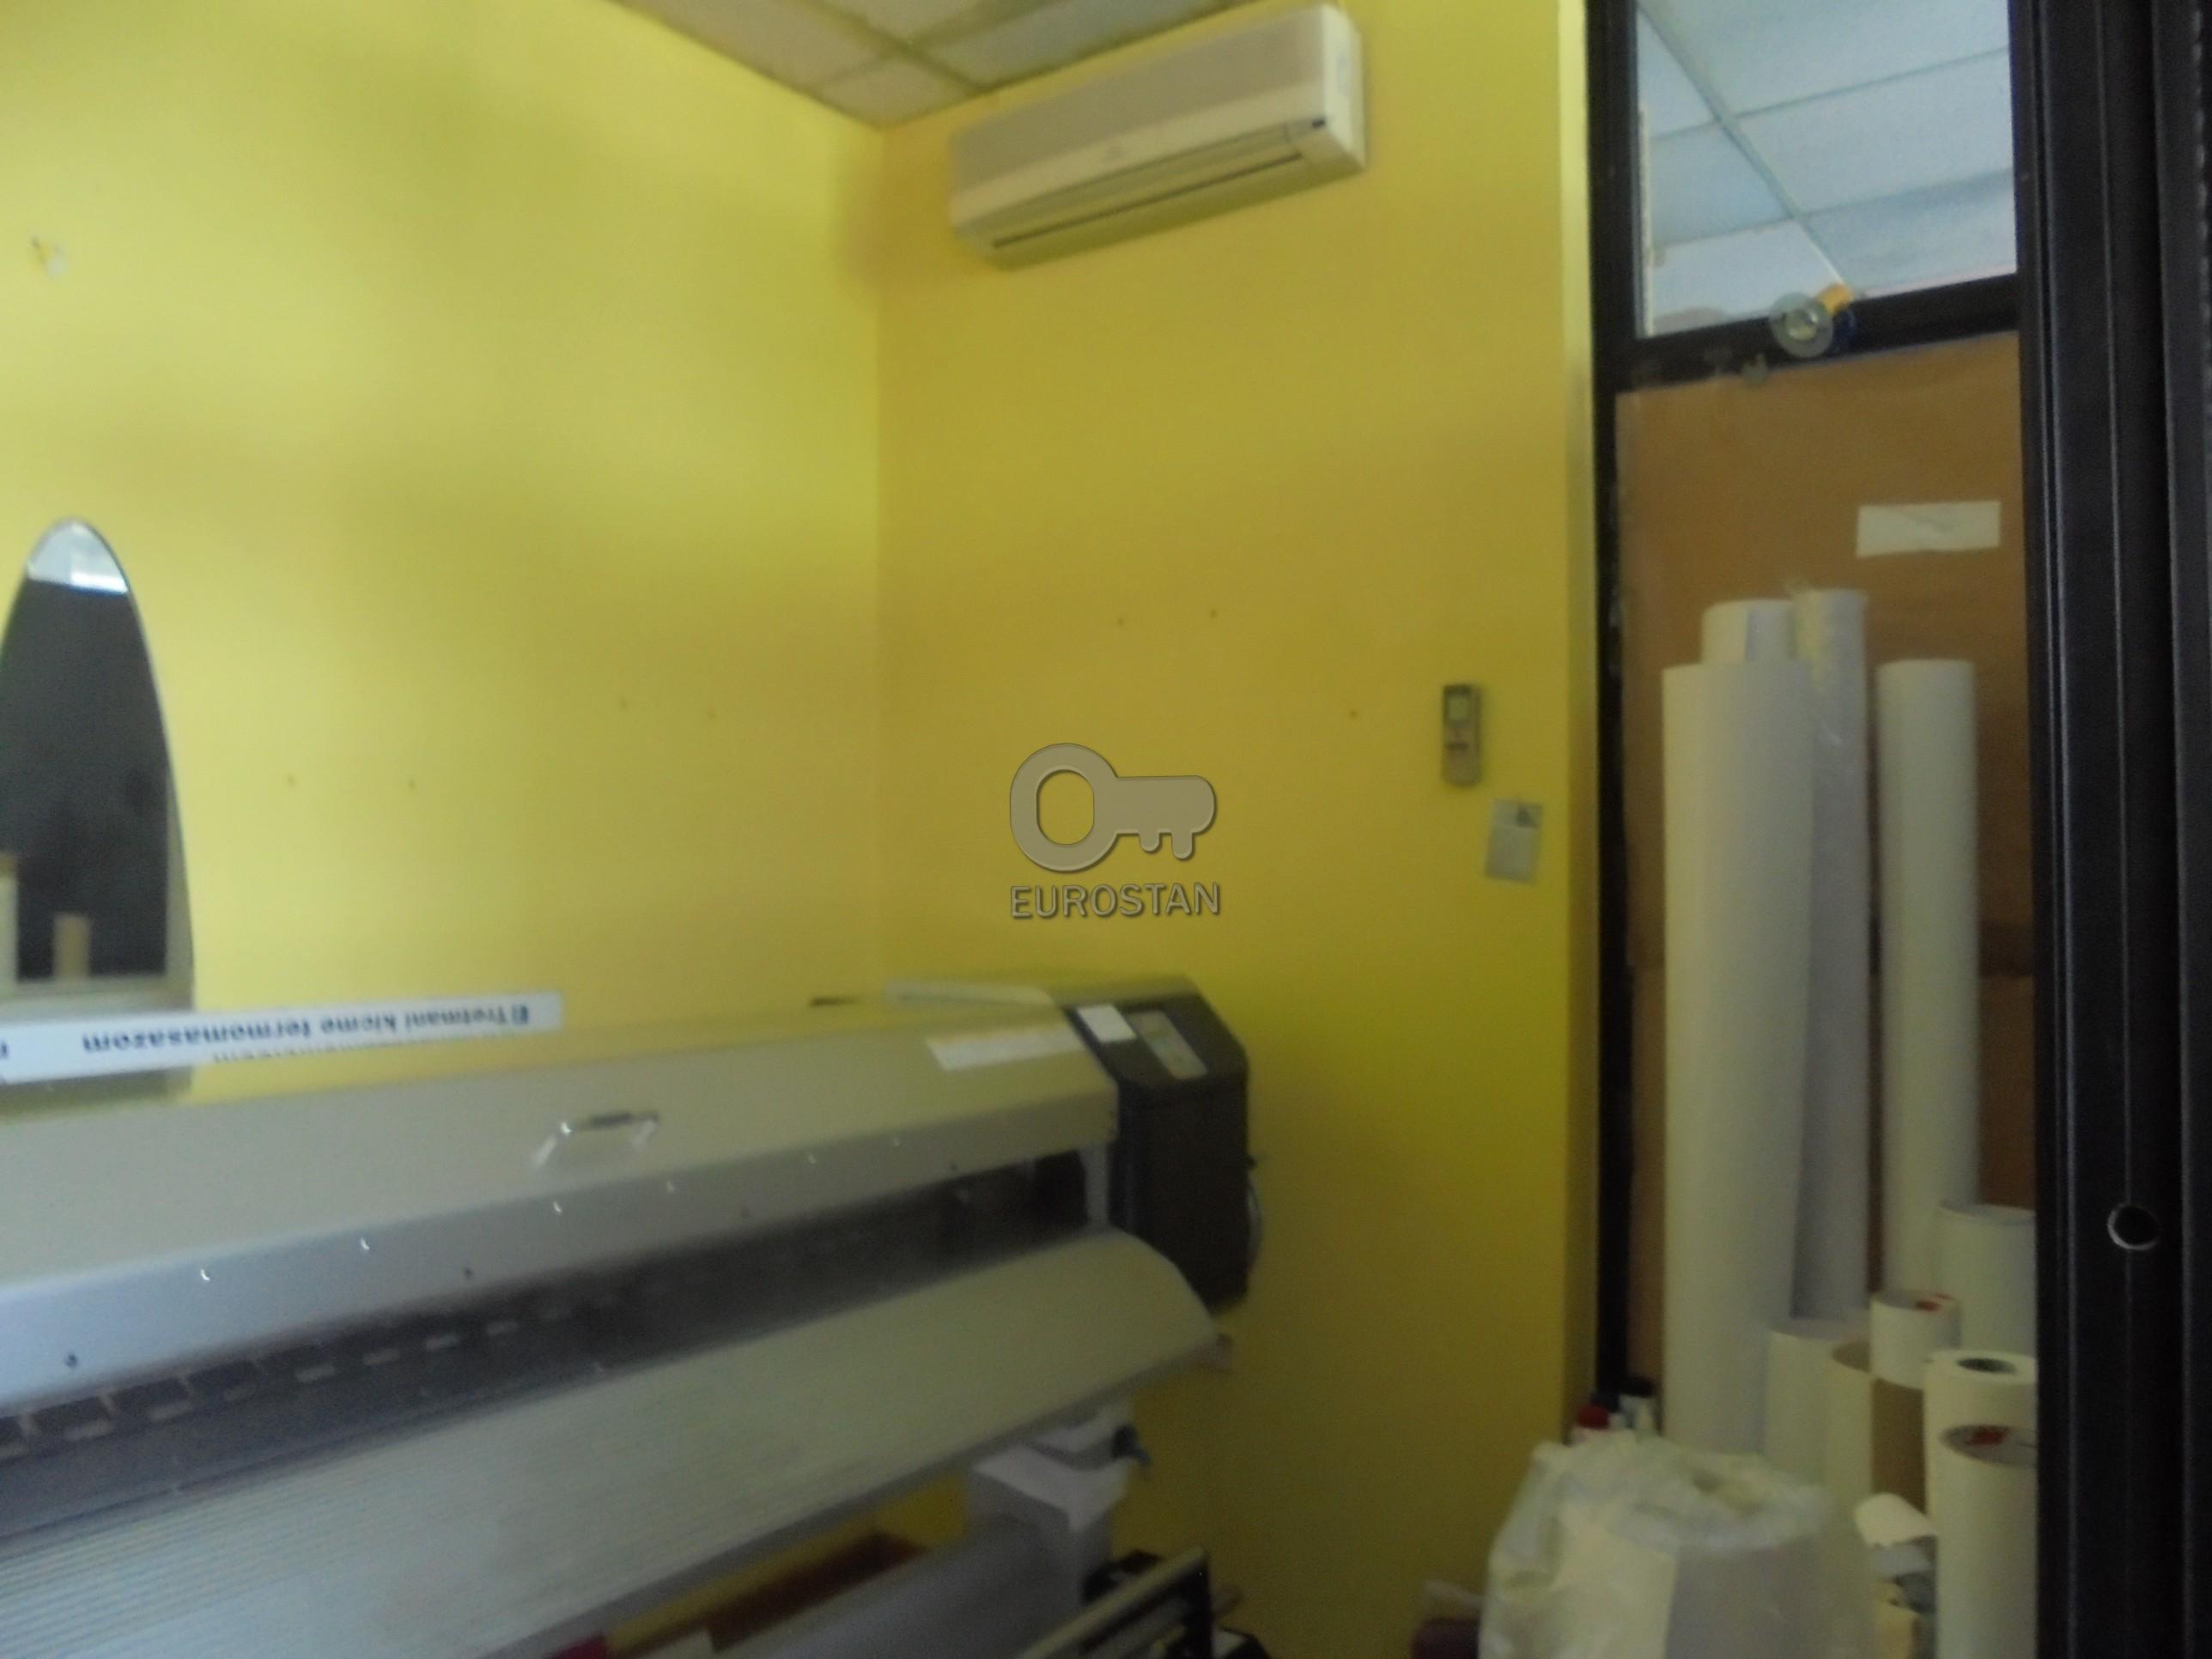 Poslovni prostor BLOK 44 TC PIRAMIDA 12300 EUR